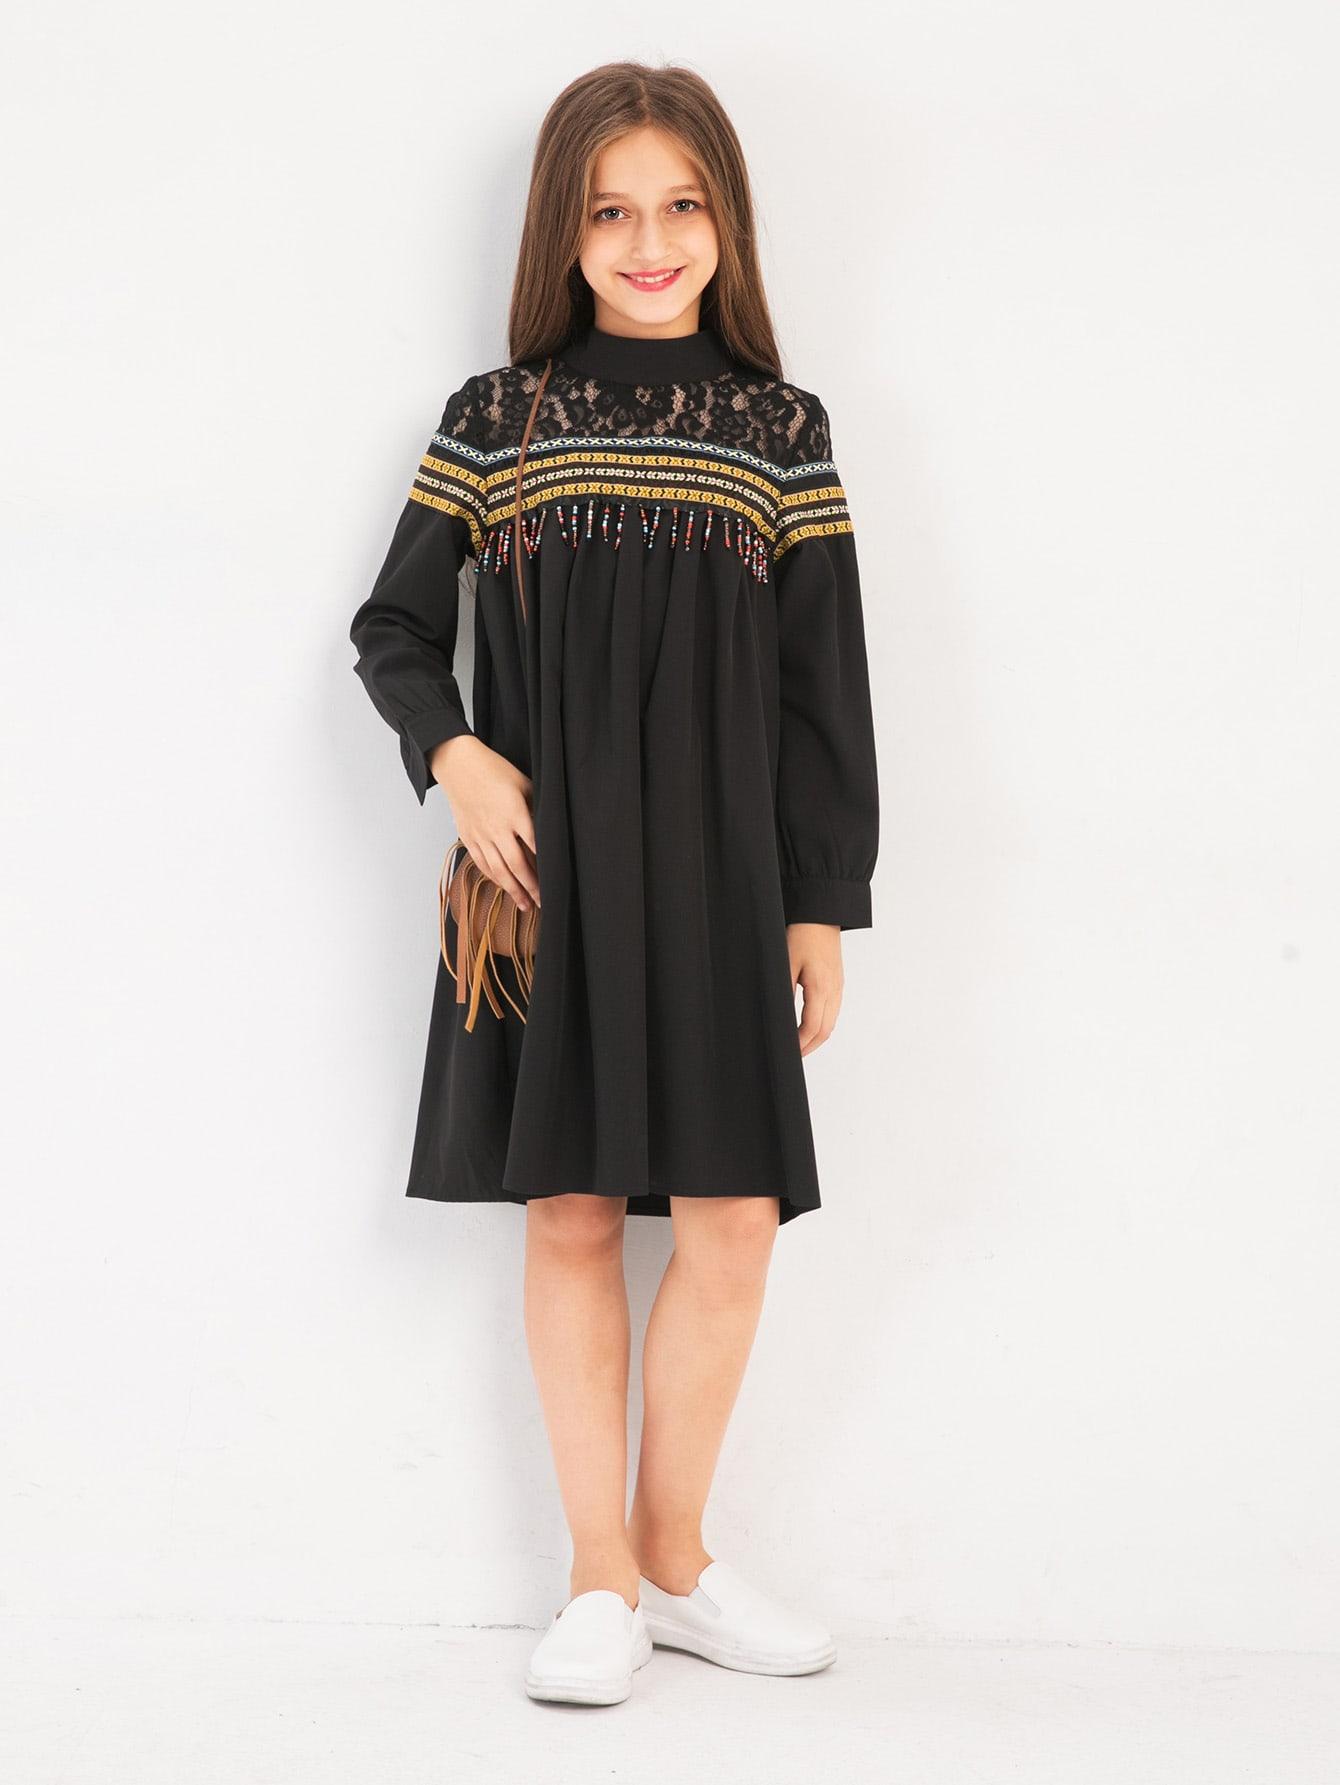 Купить Геометрический принт с бисером Чёрные Платья для девочек, null, SheIn